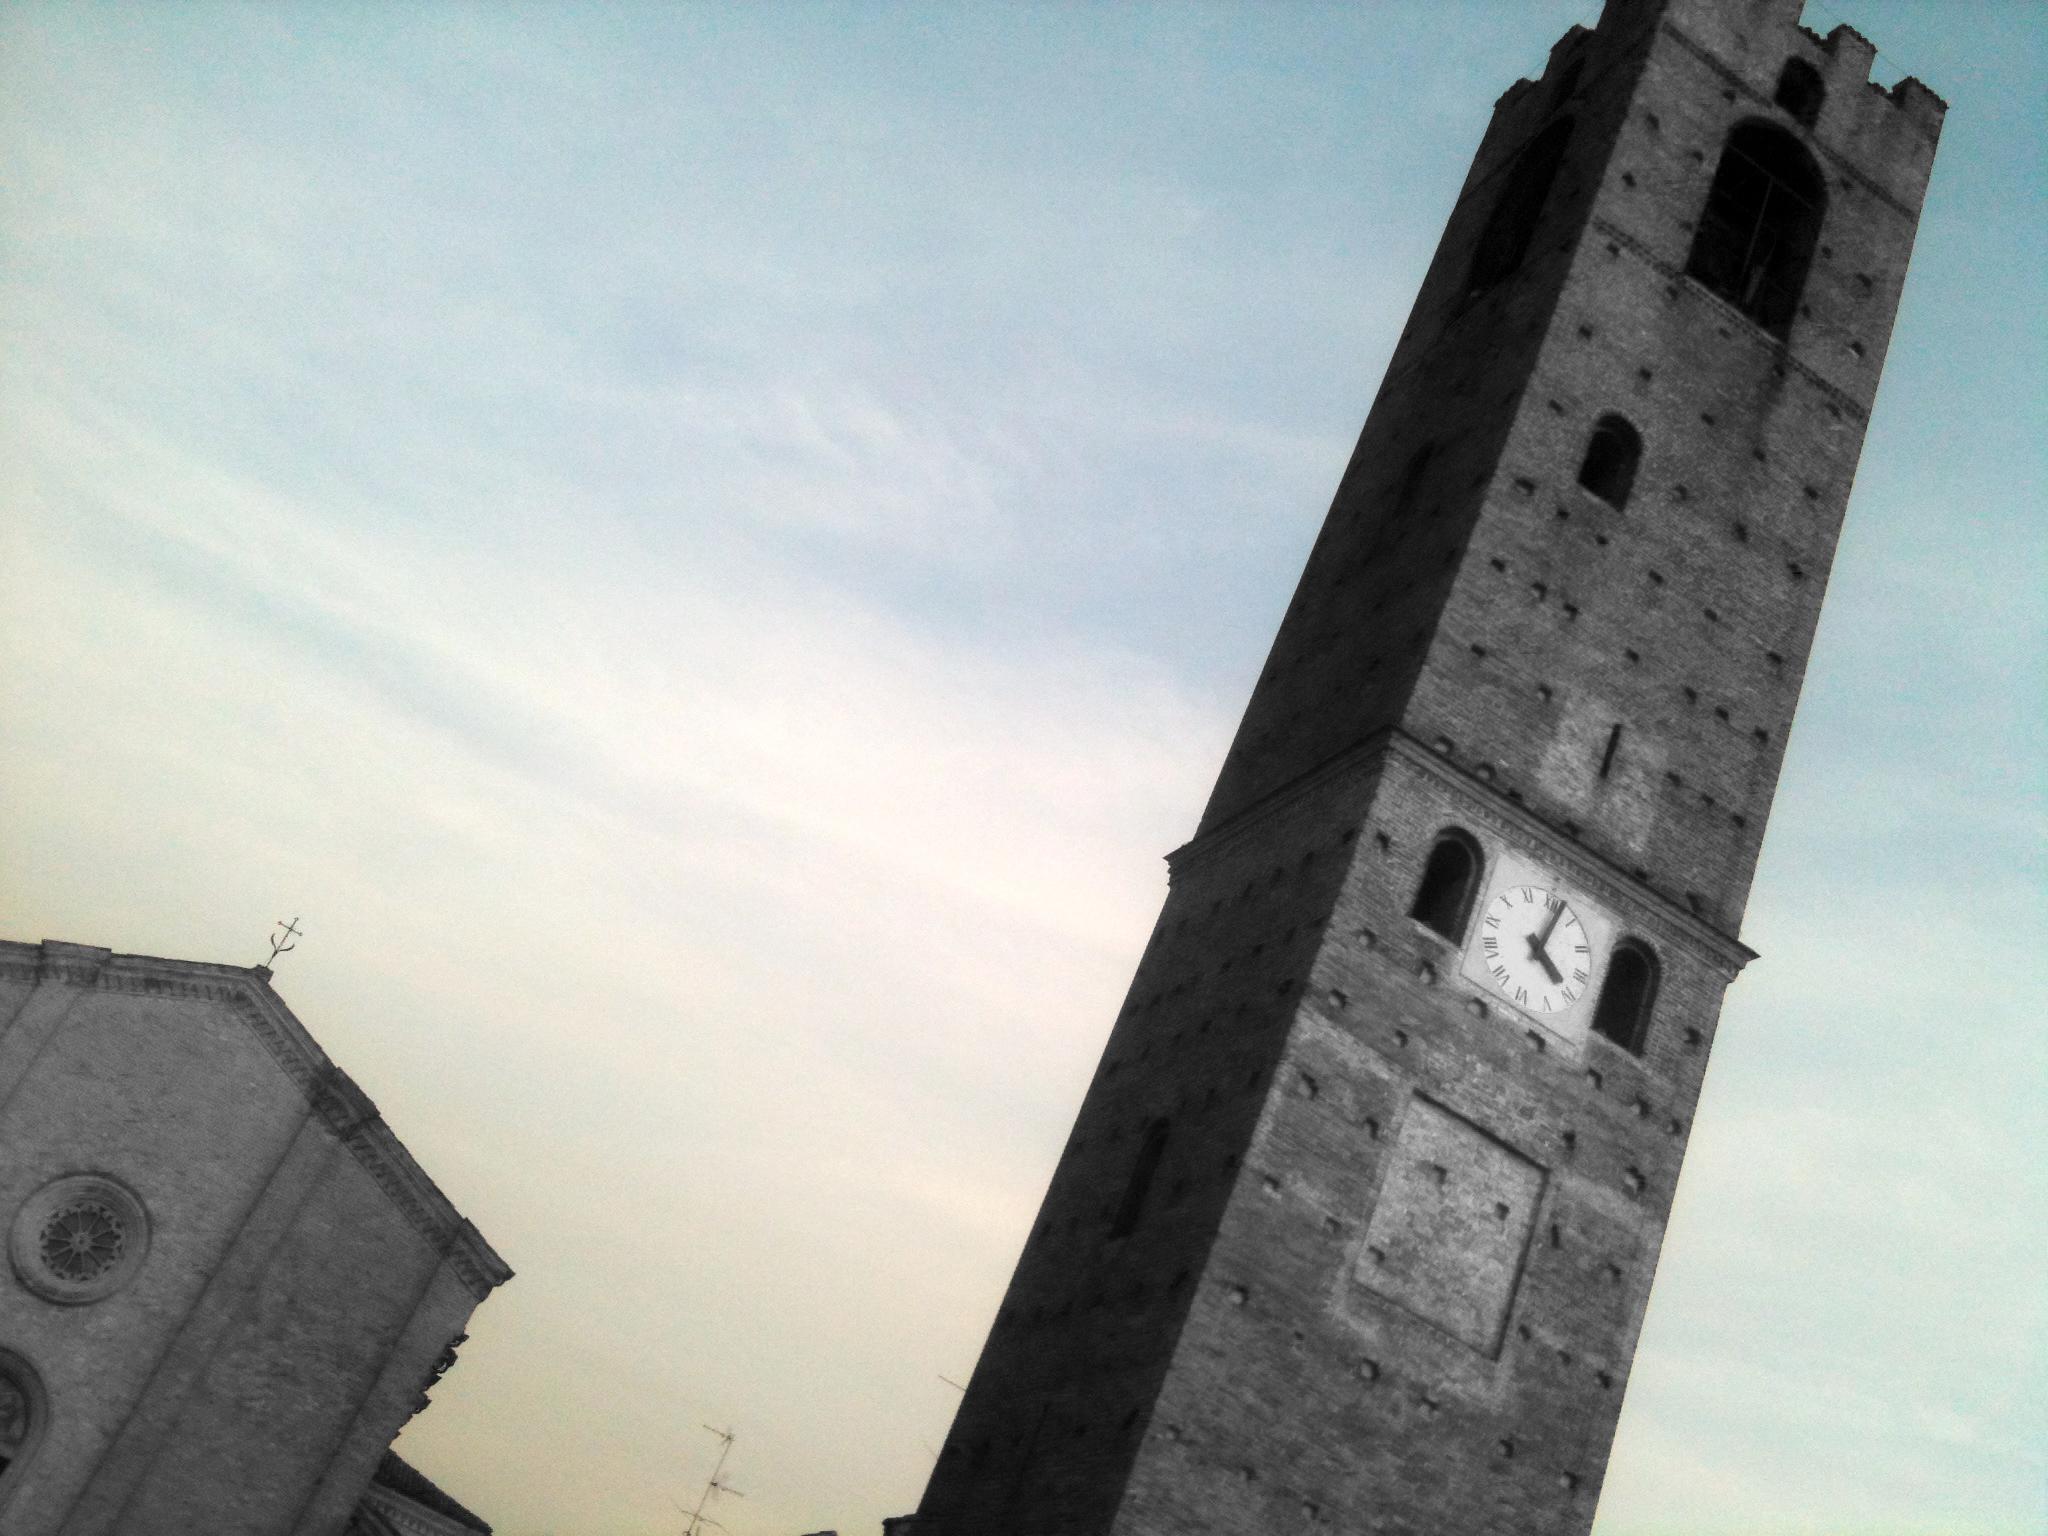 Parrocchiale e Torre campanaria. Mozzanica (BG), Novembre 2011